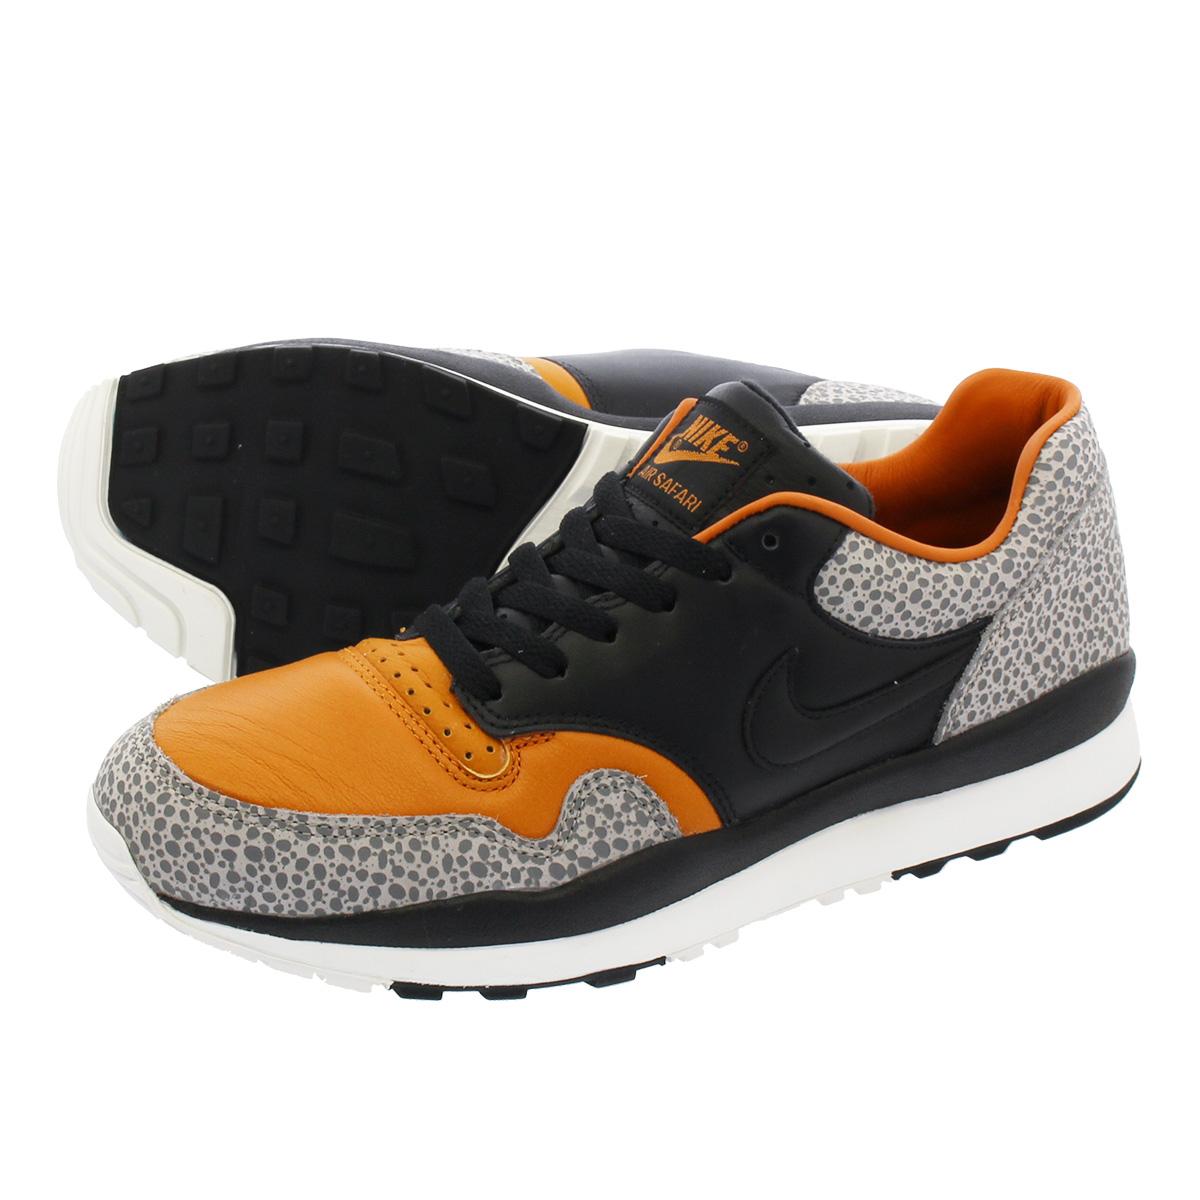 4bea582325c LOWTEX PLUS  NIKE AIR SAFARI QS Nike air safari QS BLACK BLACK MONARCH COBBLESTONE  ao3295-001